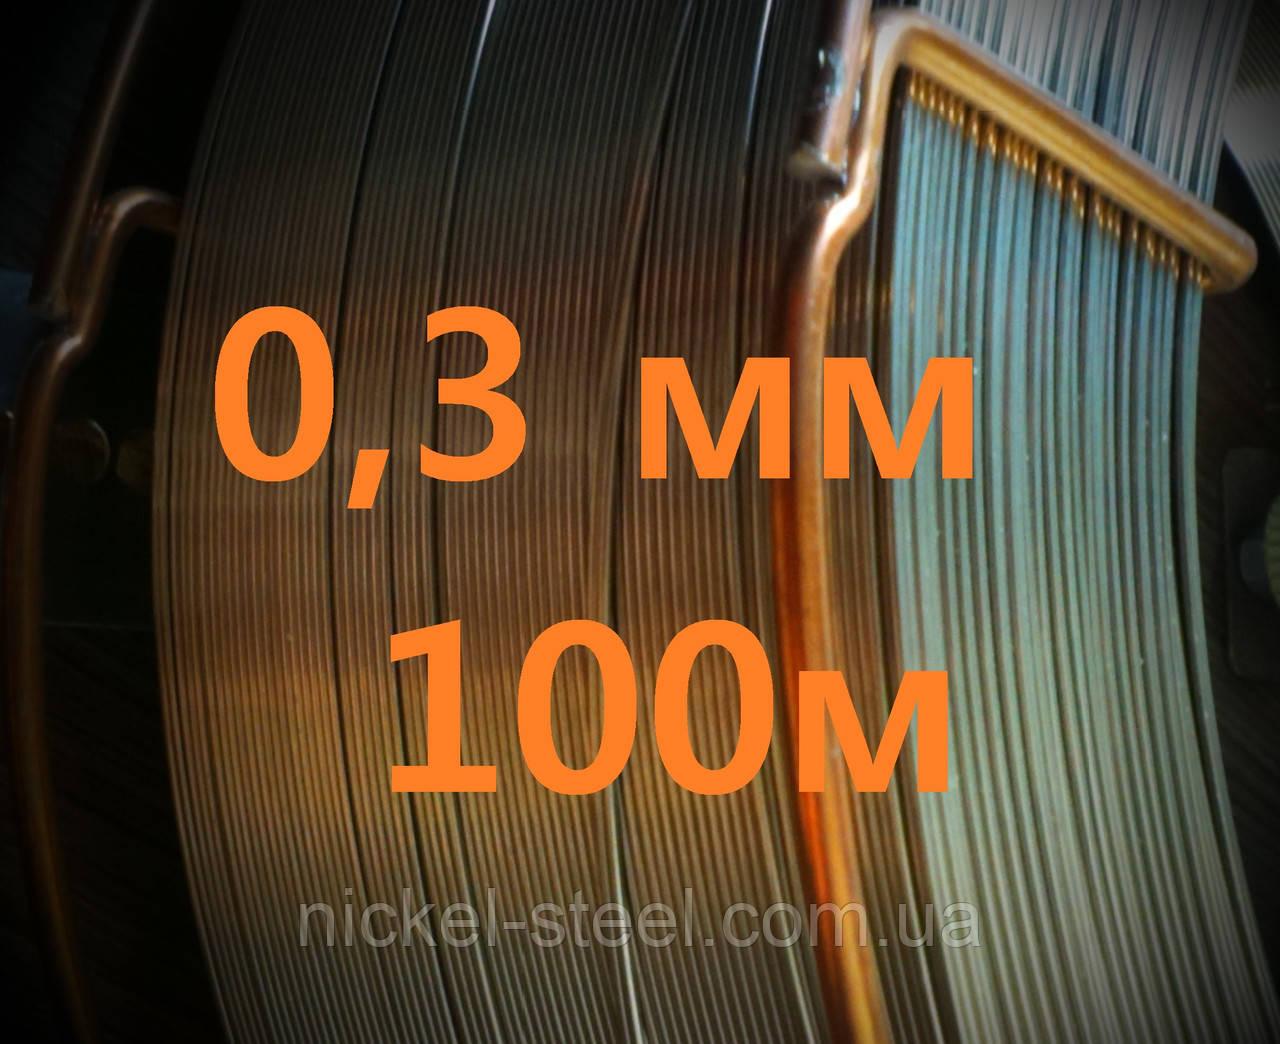 Проволока нержавеющая 0,3 мм 1000 метров